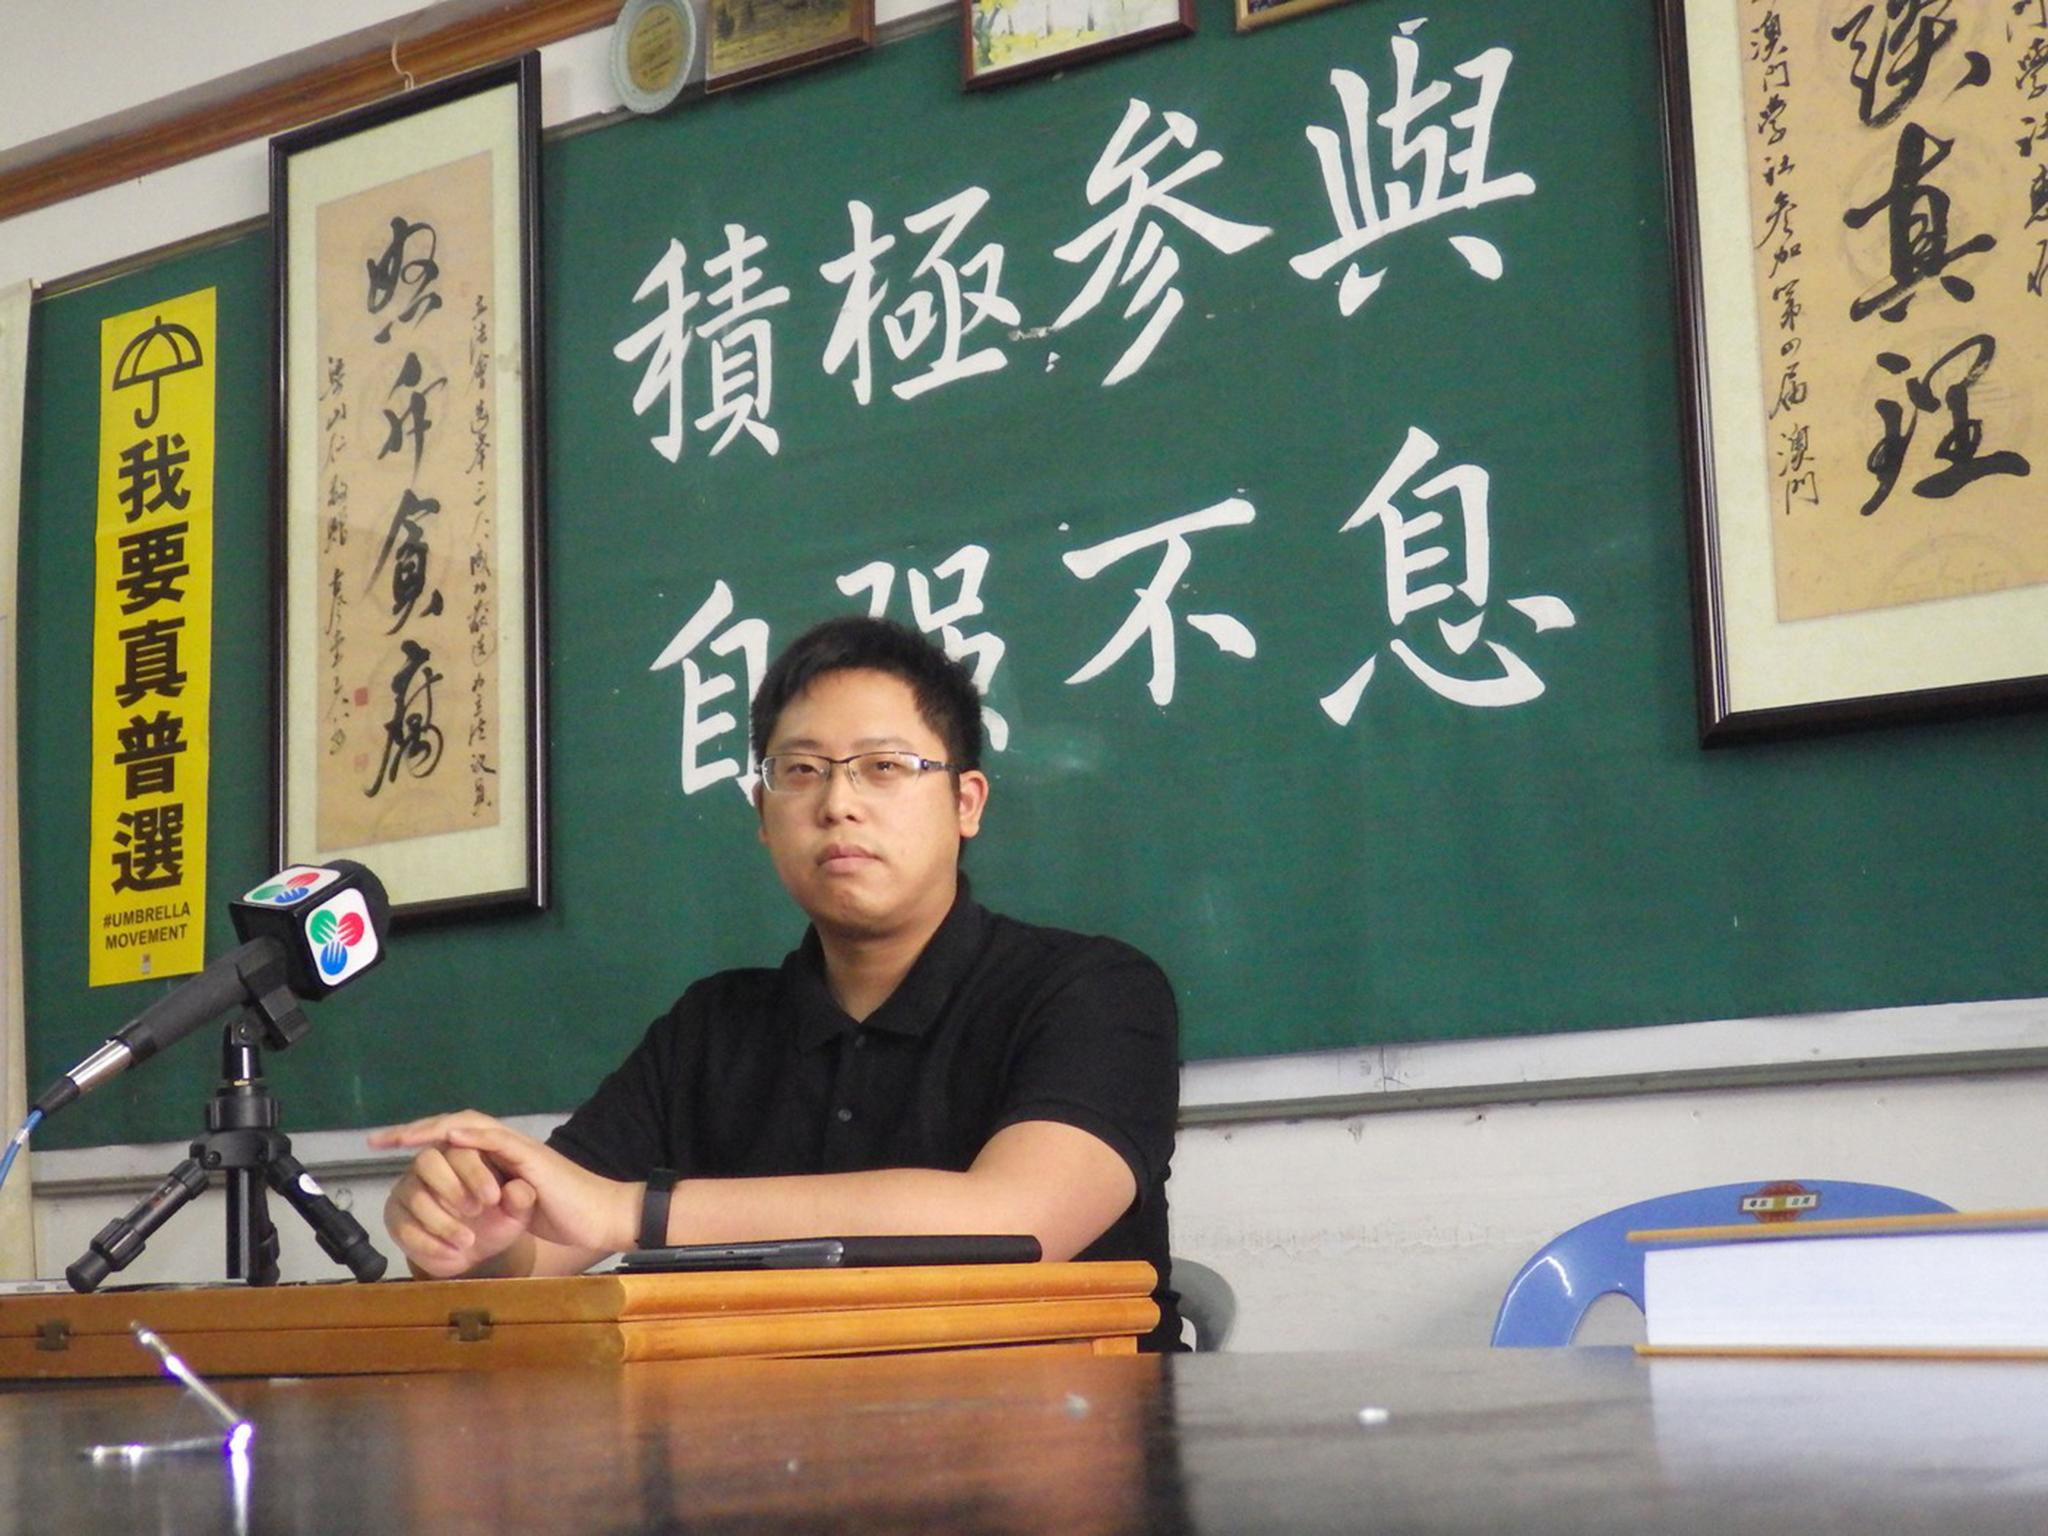 Governo | Jason Chao pede suspensão acordo com Alibaba